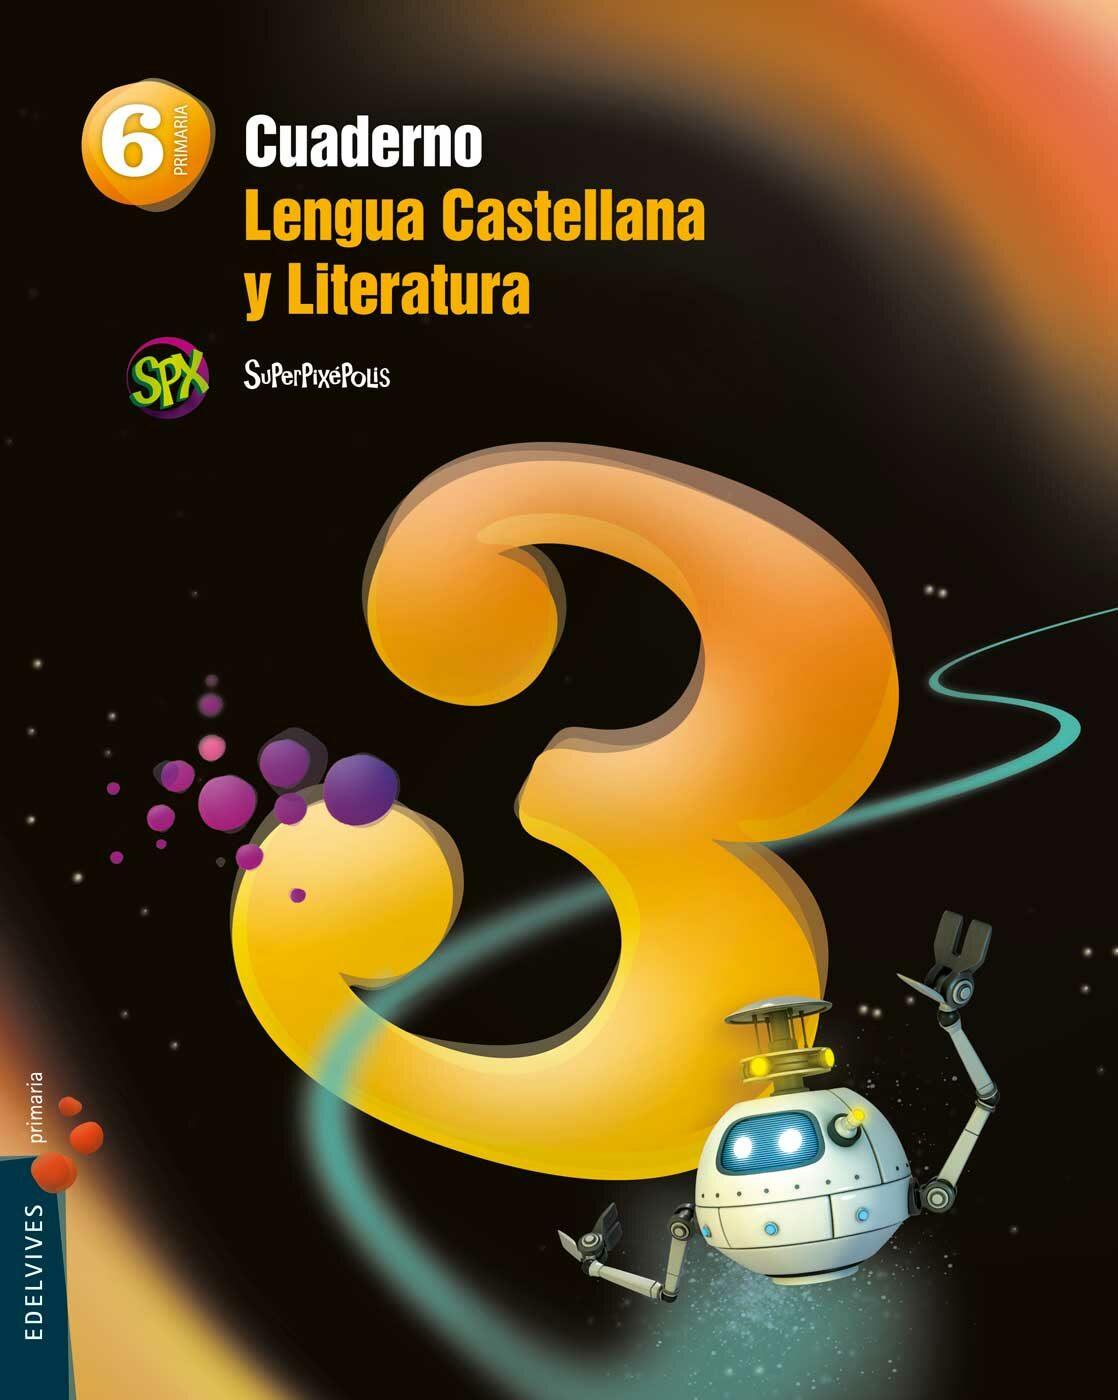 Cuaderno  Lengua 3 6º Primaria Proyecto Superpixépolis por Vv.aa.